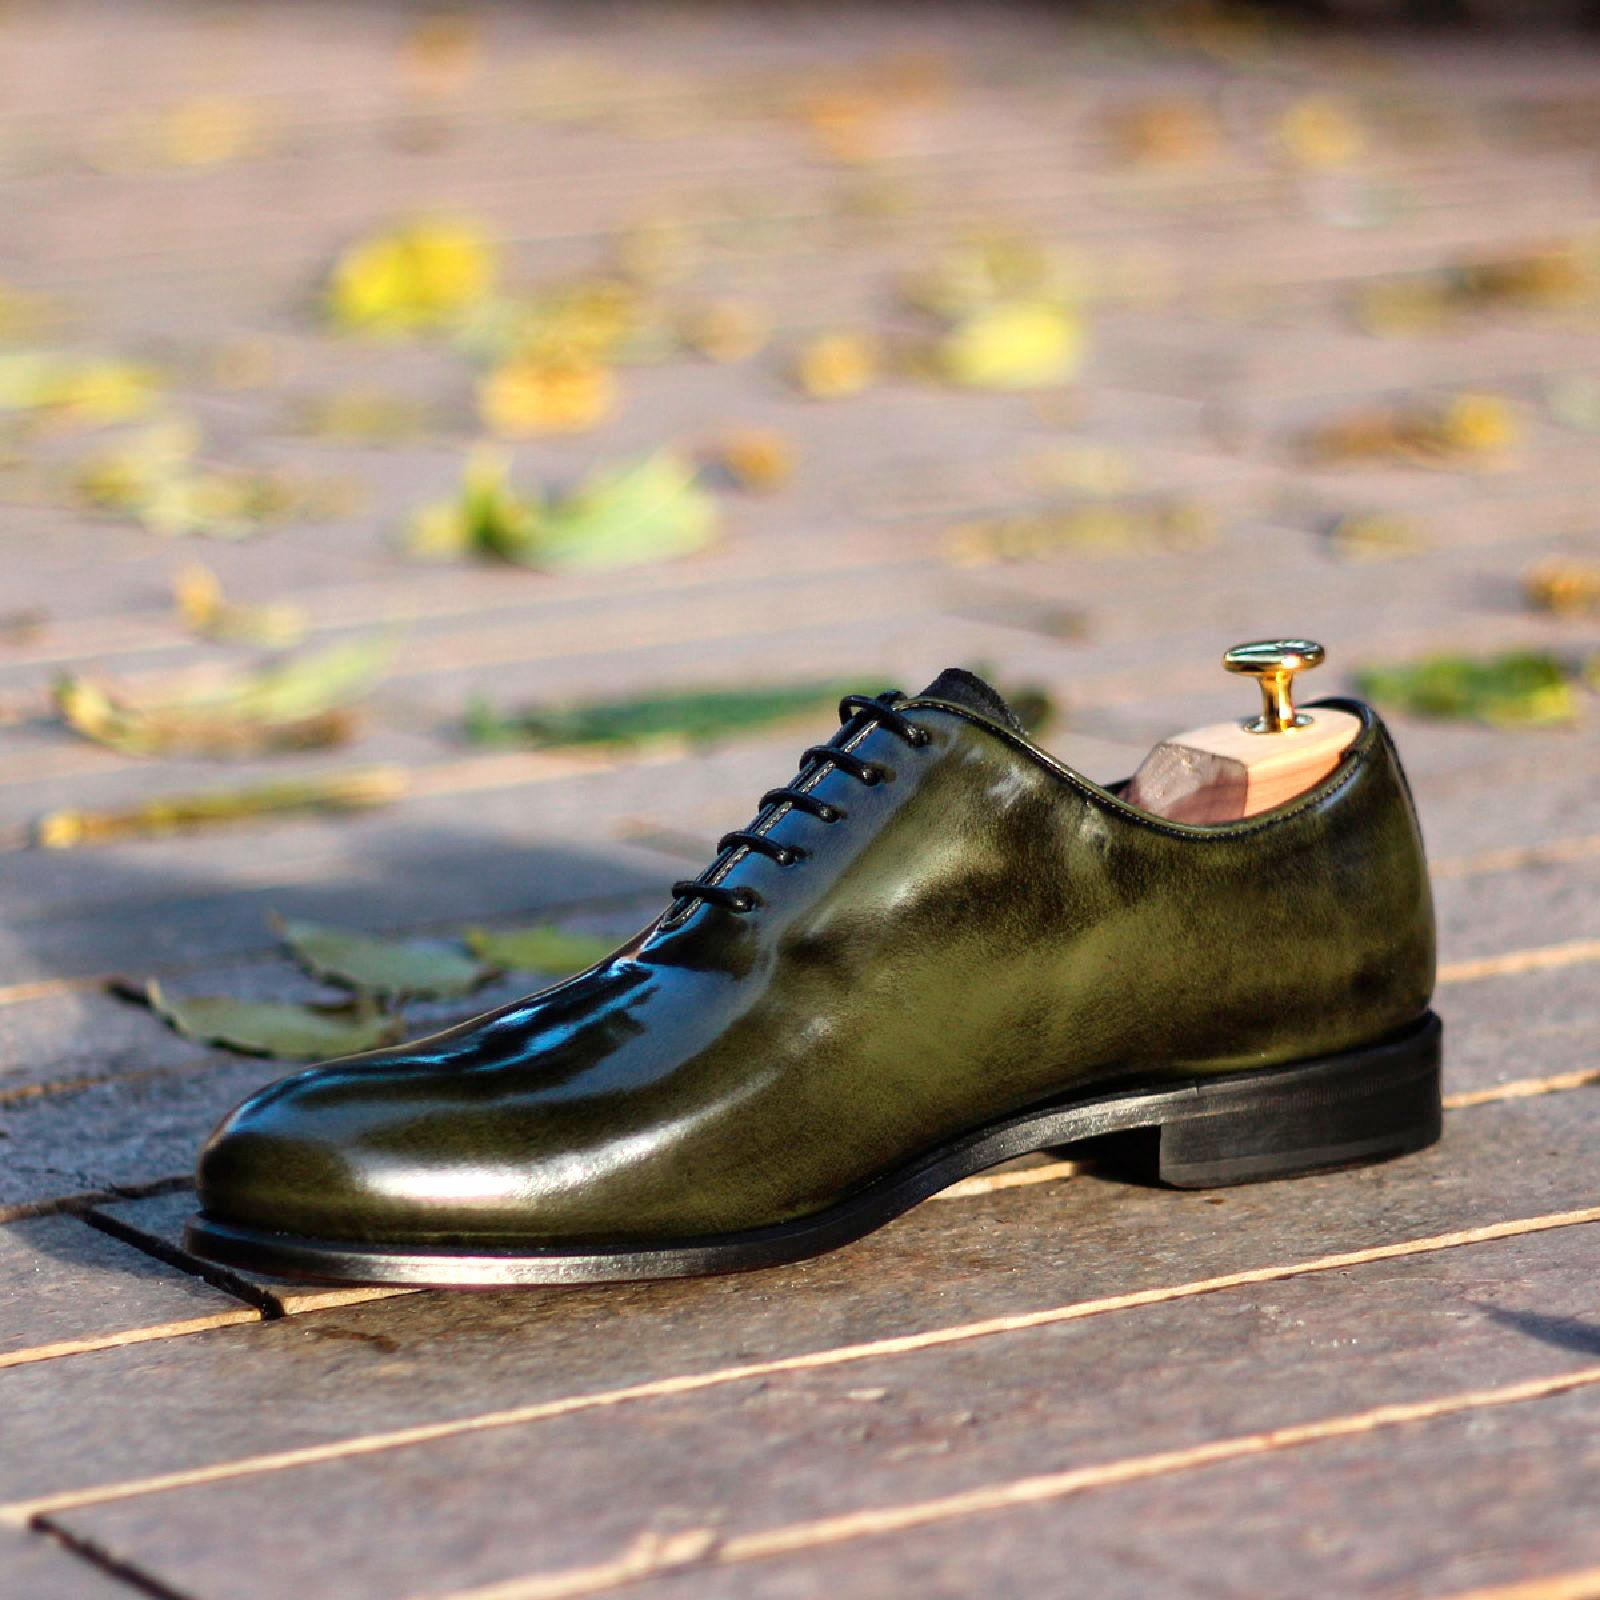 Chaussures habillées Tige pleine